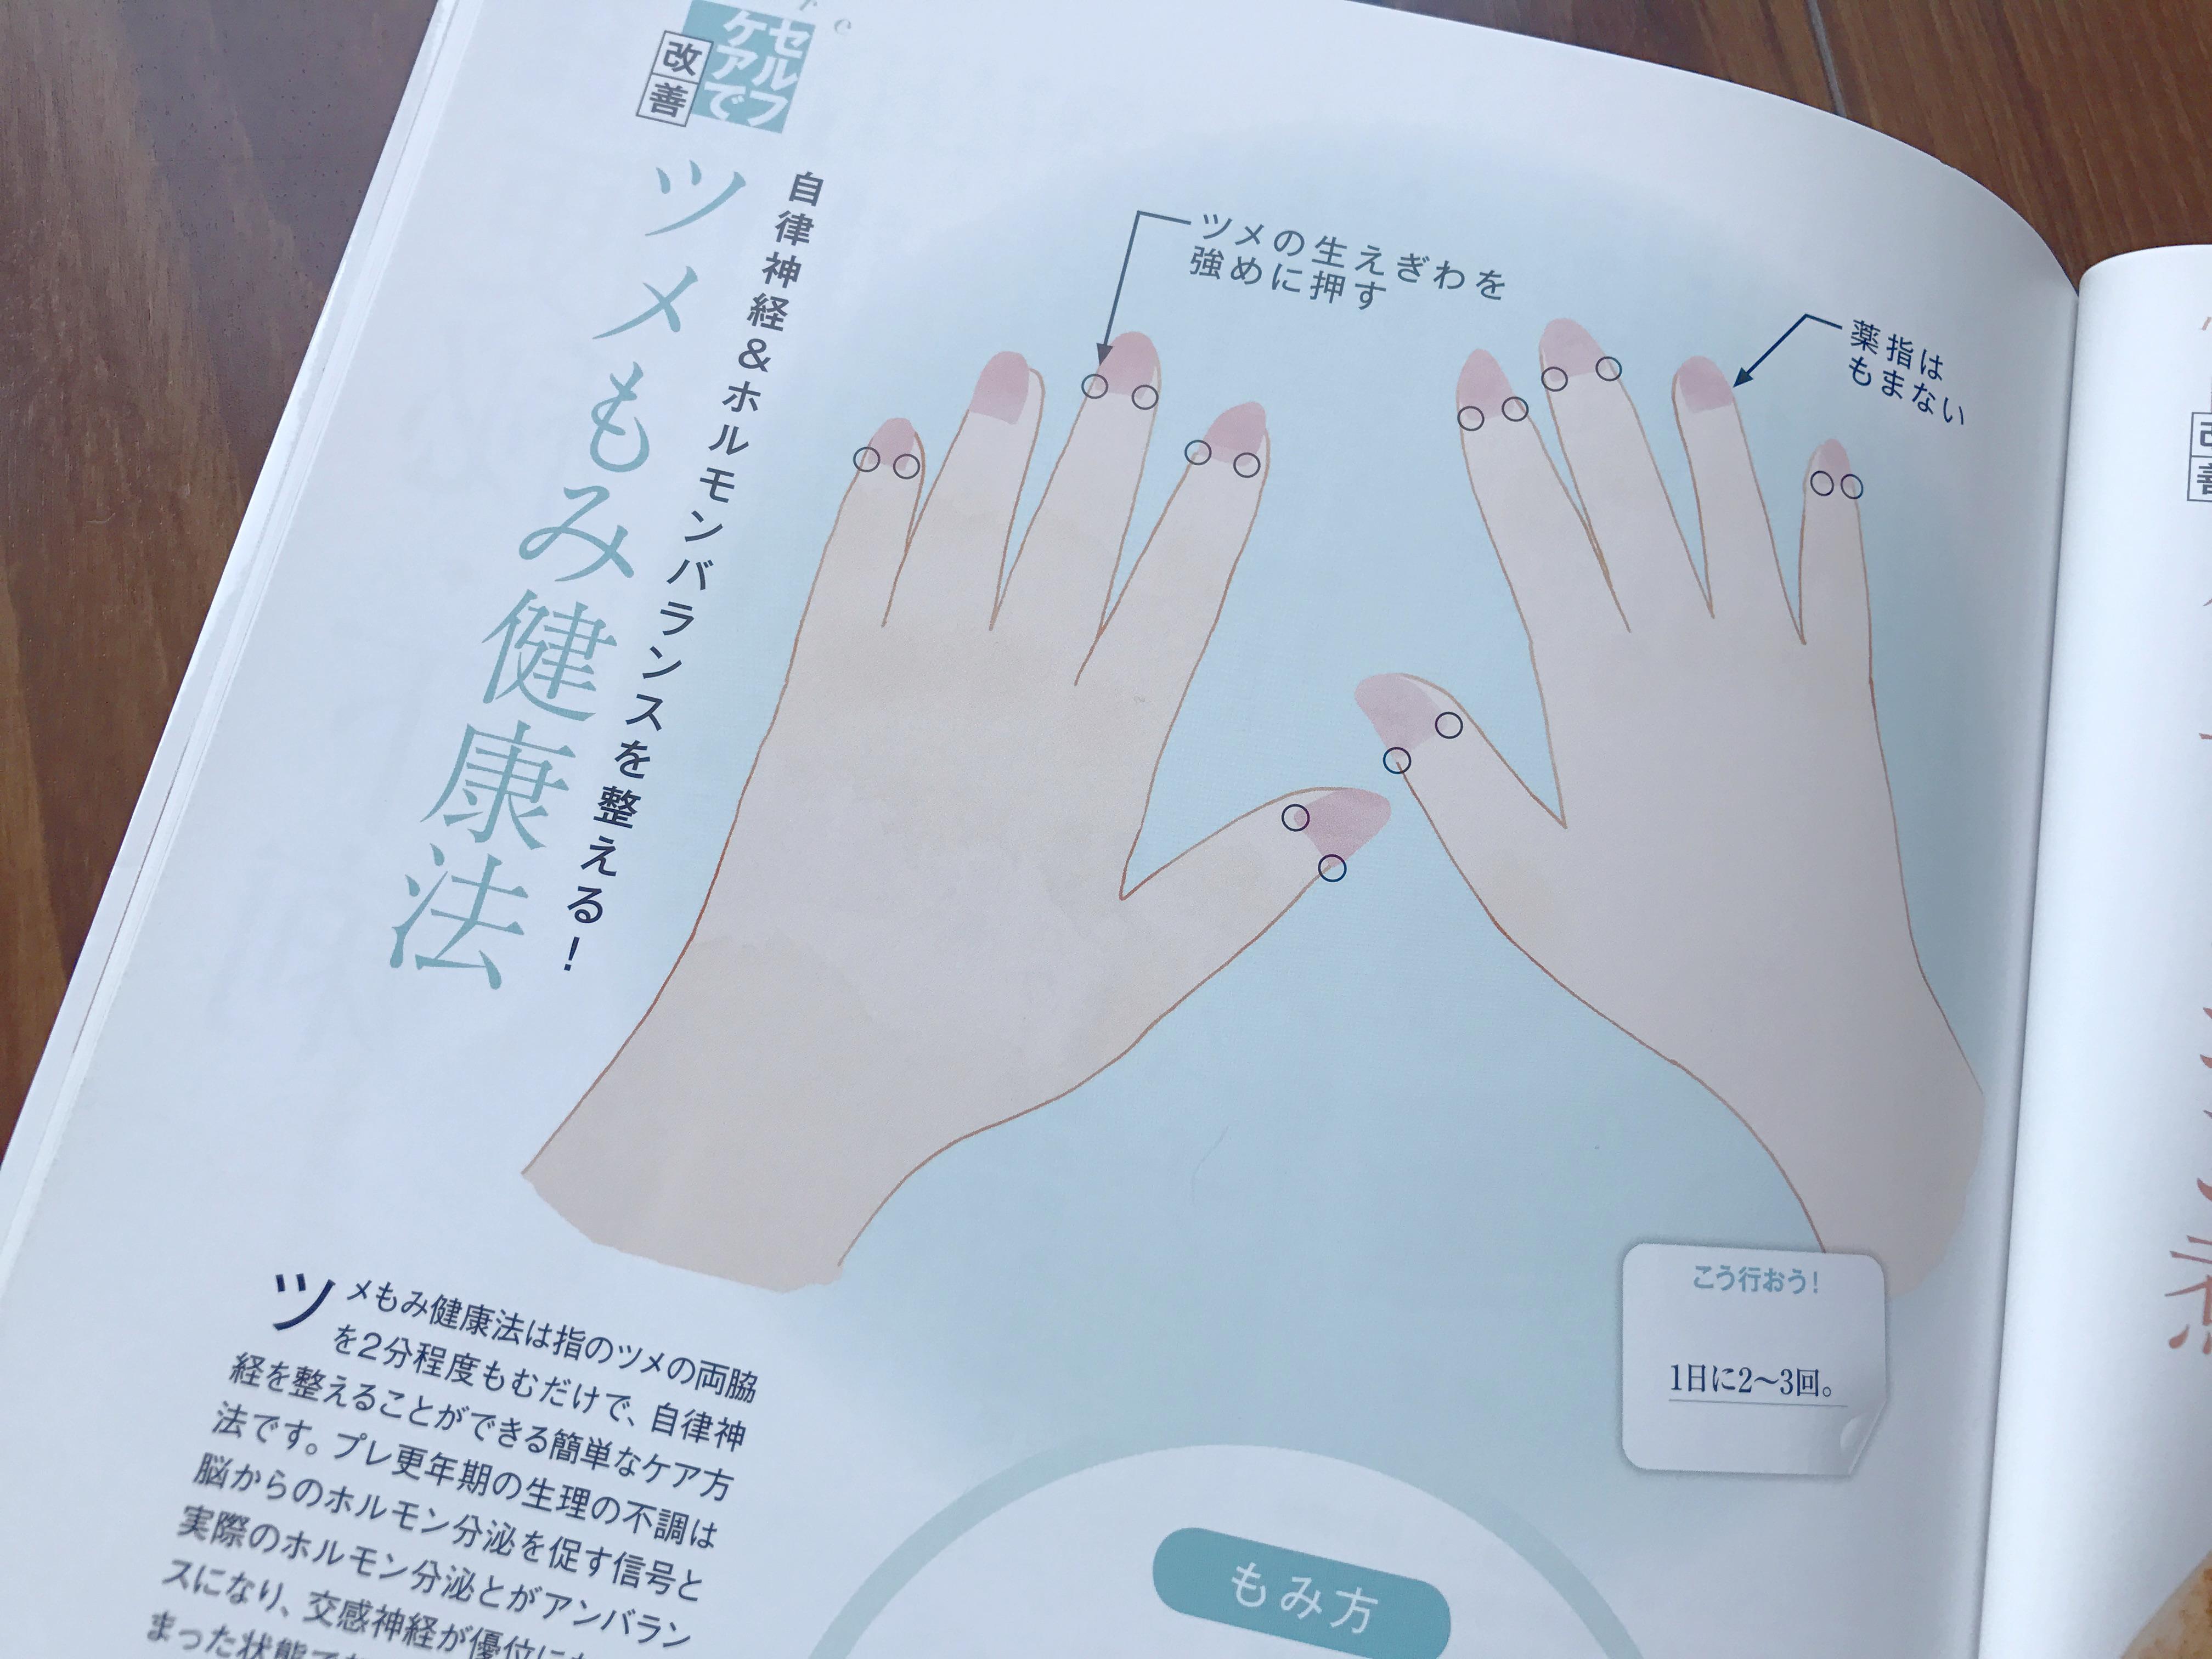 ホルモンバランスを整える爪もみ健康法